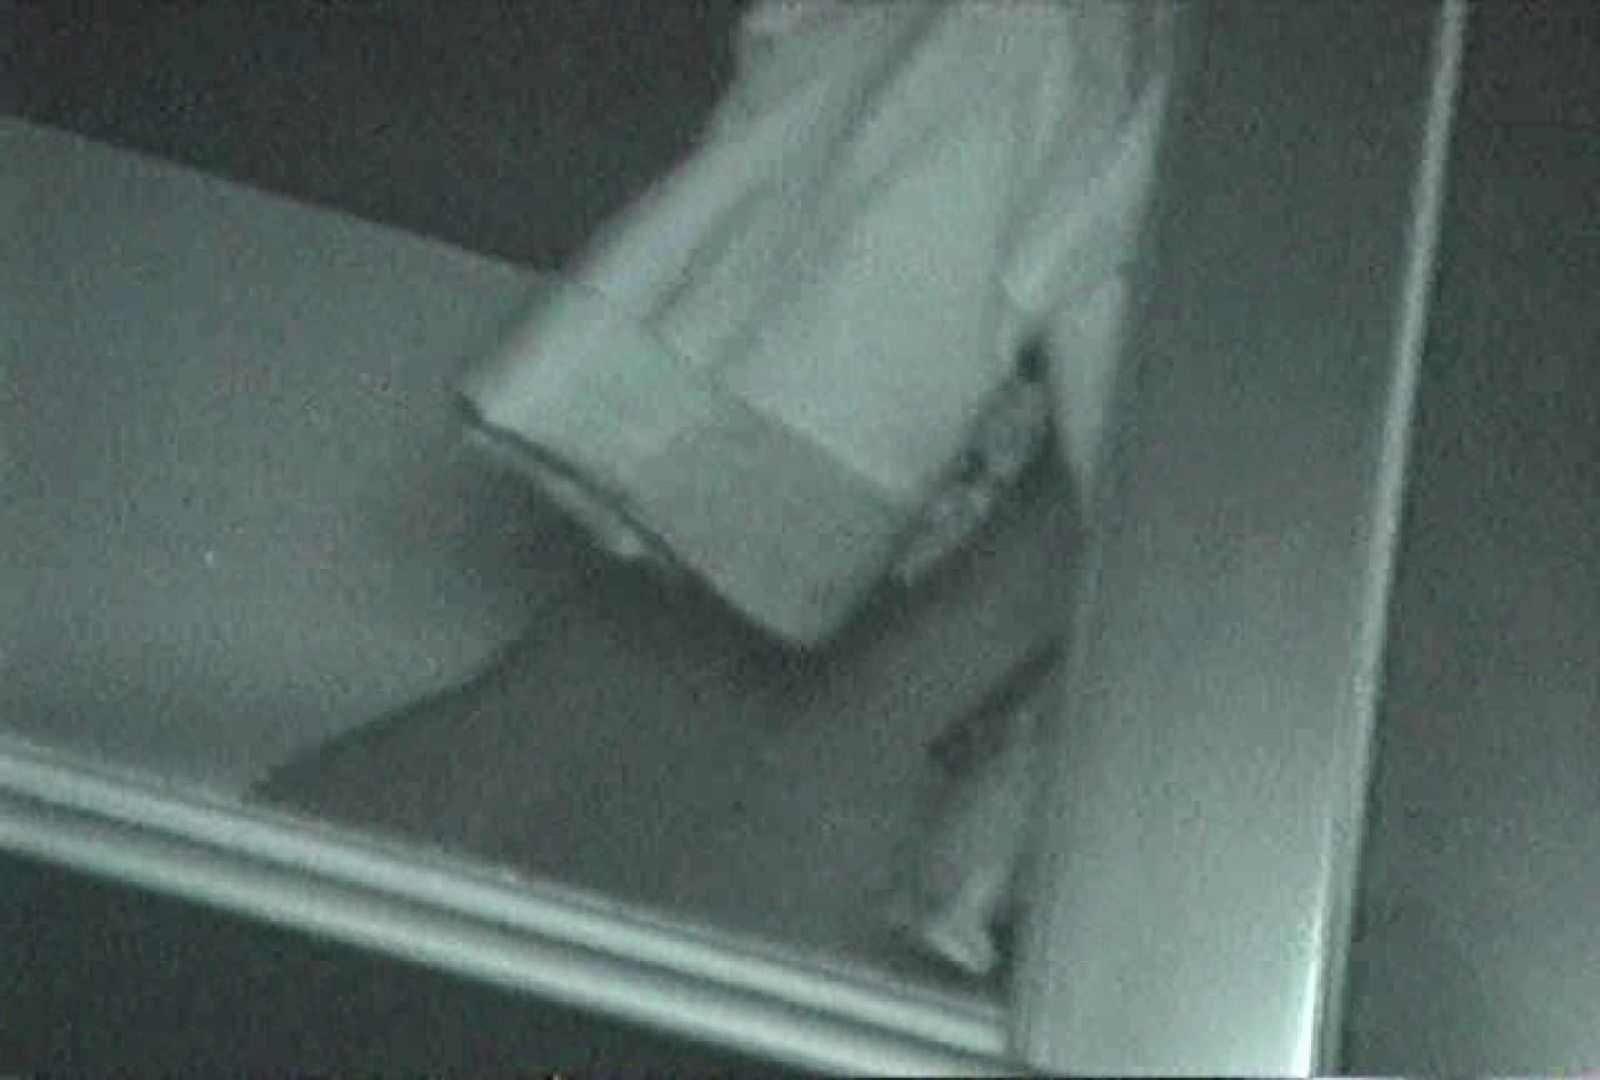 充血監督の深夜の運動会Vol.57 野外 盗撮オメコ無修正動画無料 73pic 11